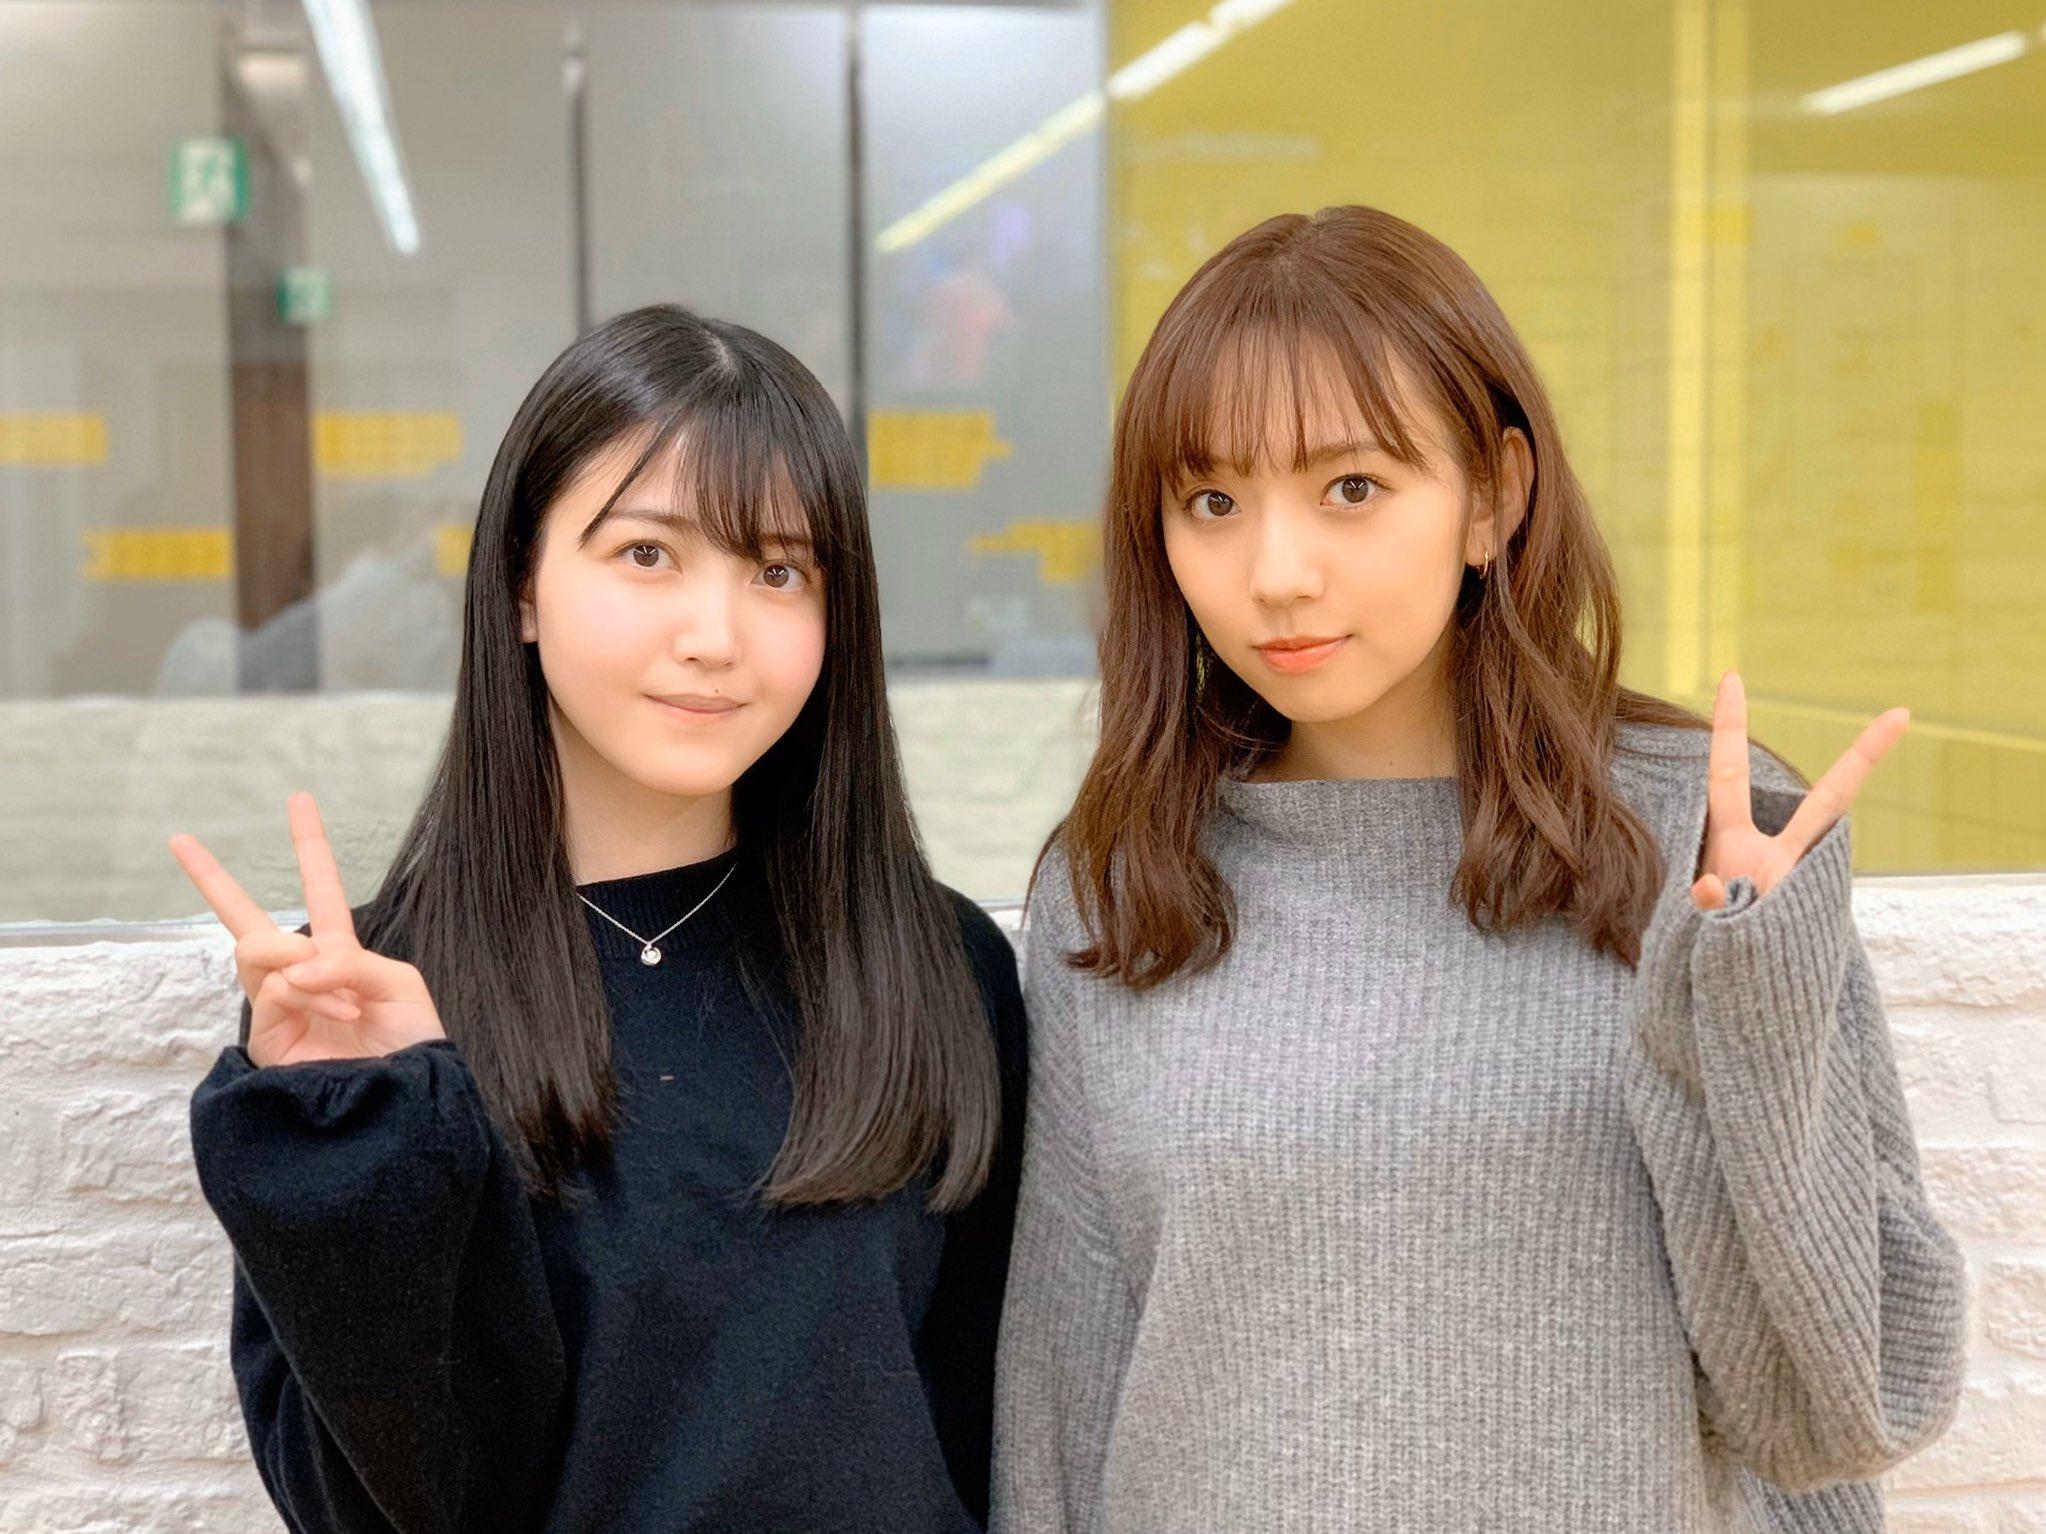 乃木坂46のオールナイトニッポン 久保史緒里